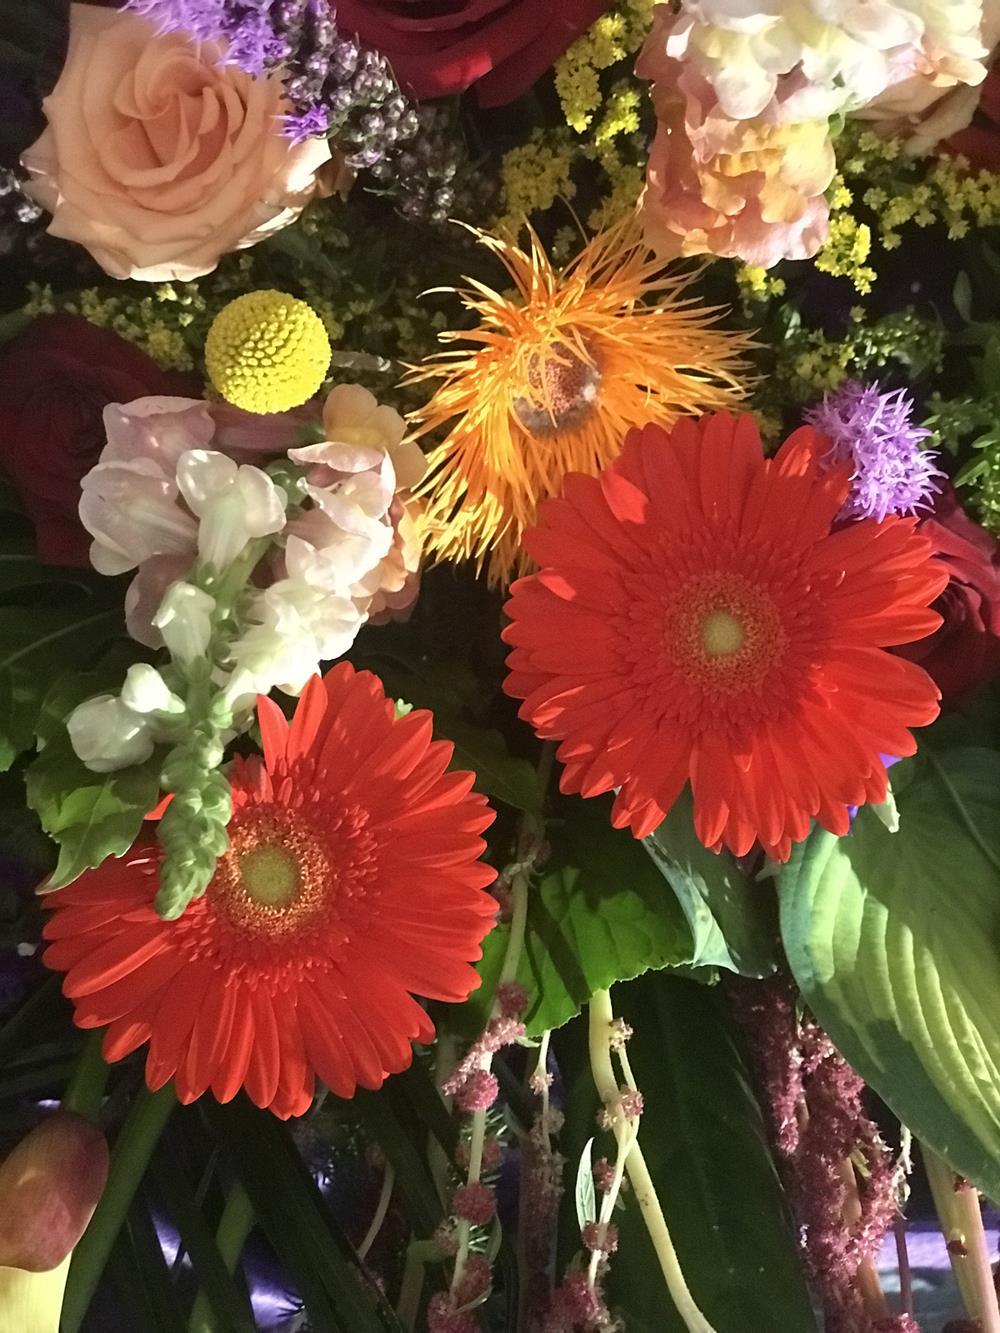 Orange gerberas in floral display